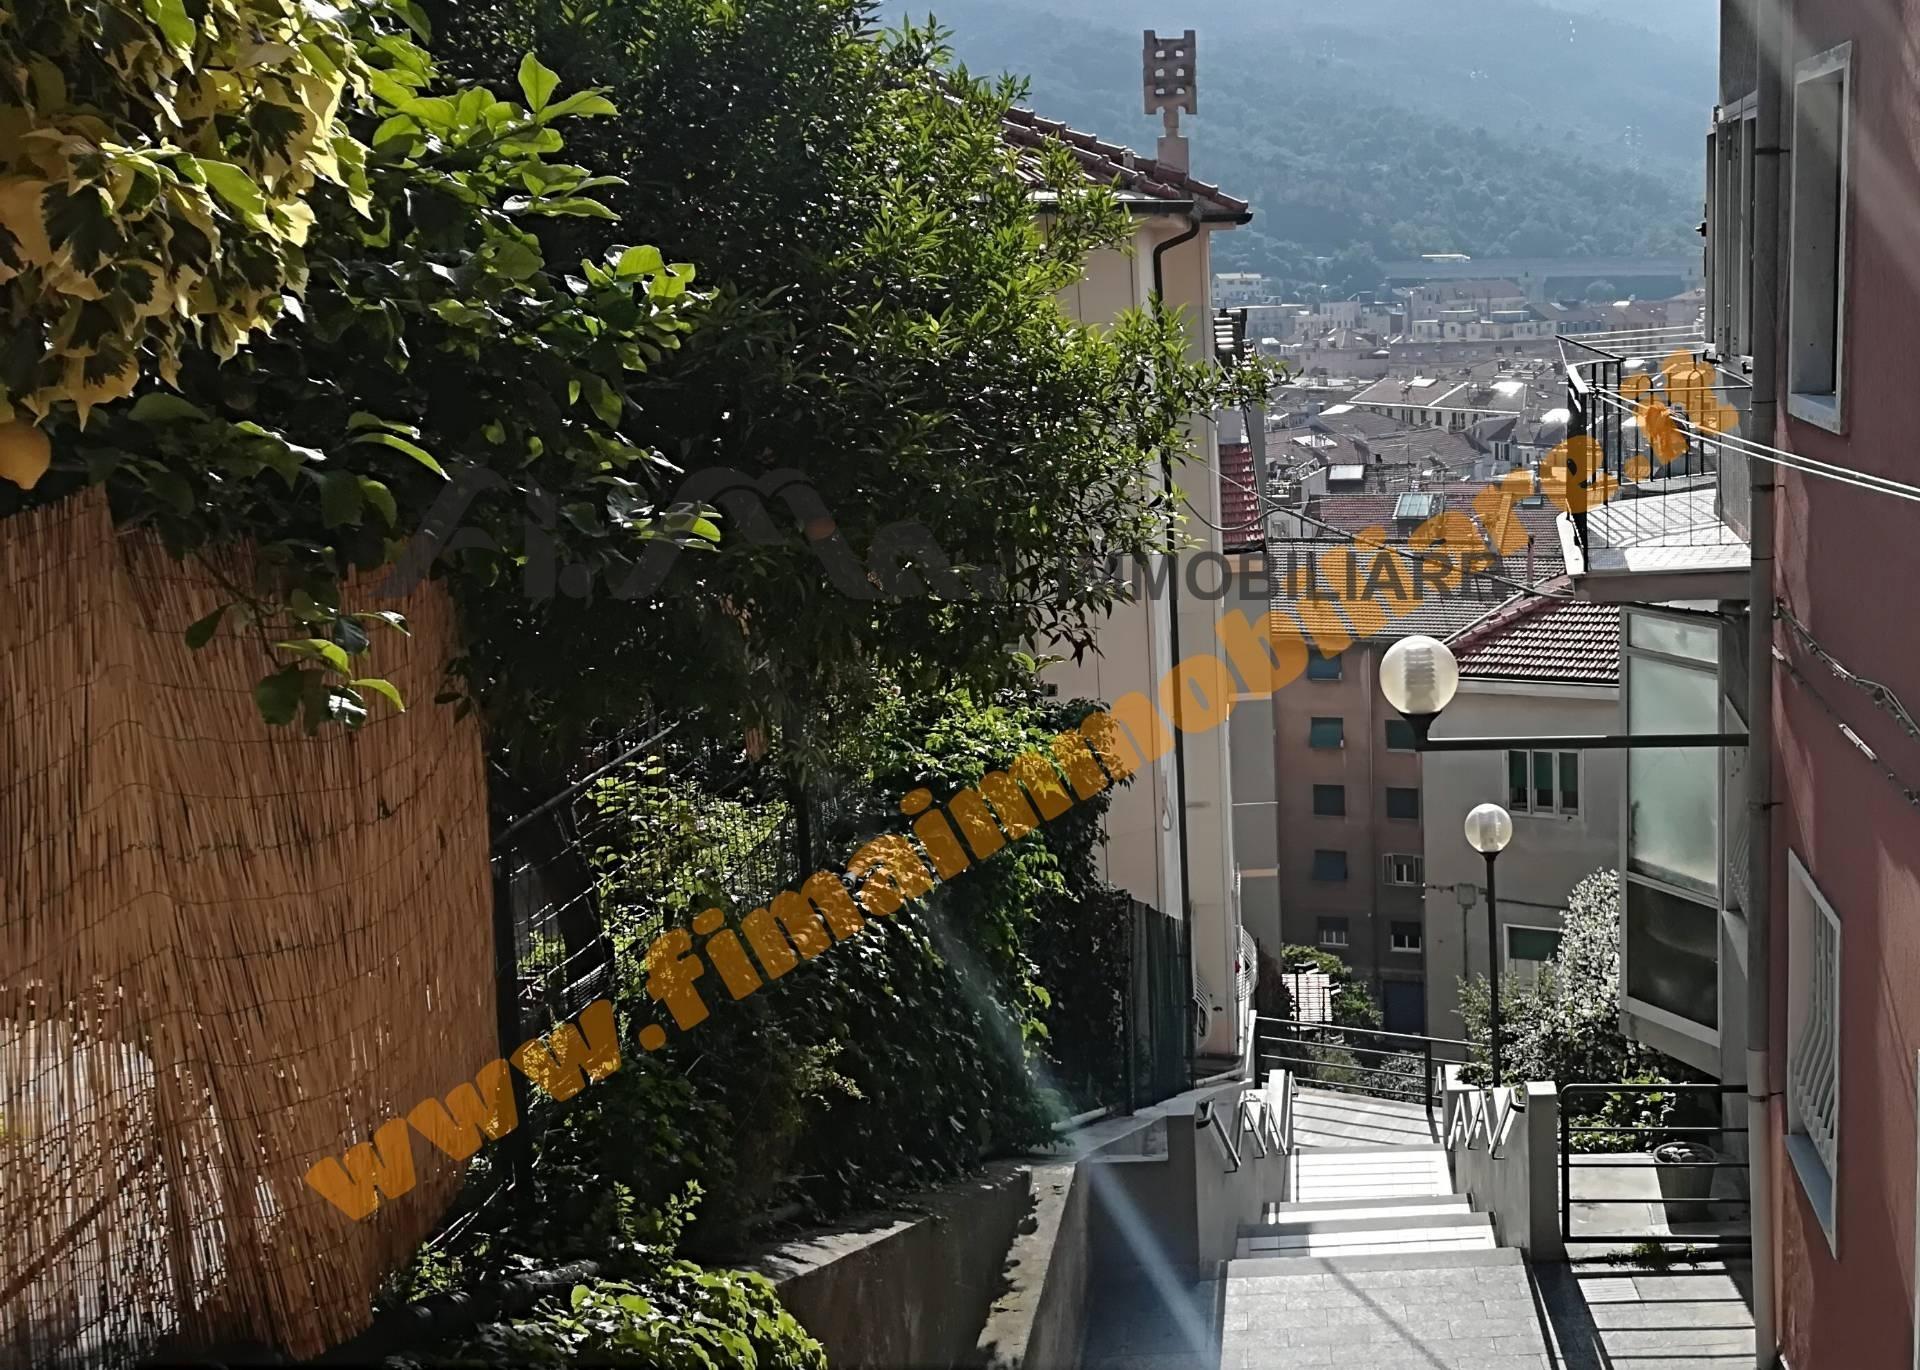 Appartamento in vendita a Savona, 3 locali, zona apiana, prezzo € 109.000 | PortaleAgenzieImmobiliari.it